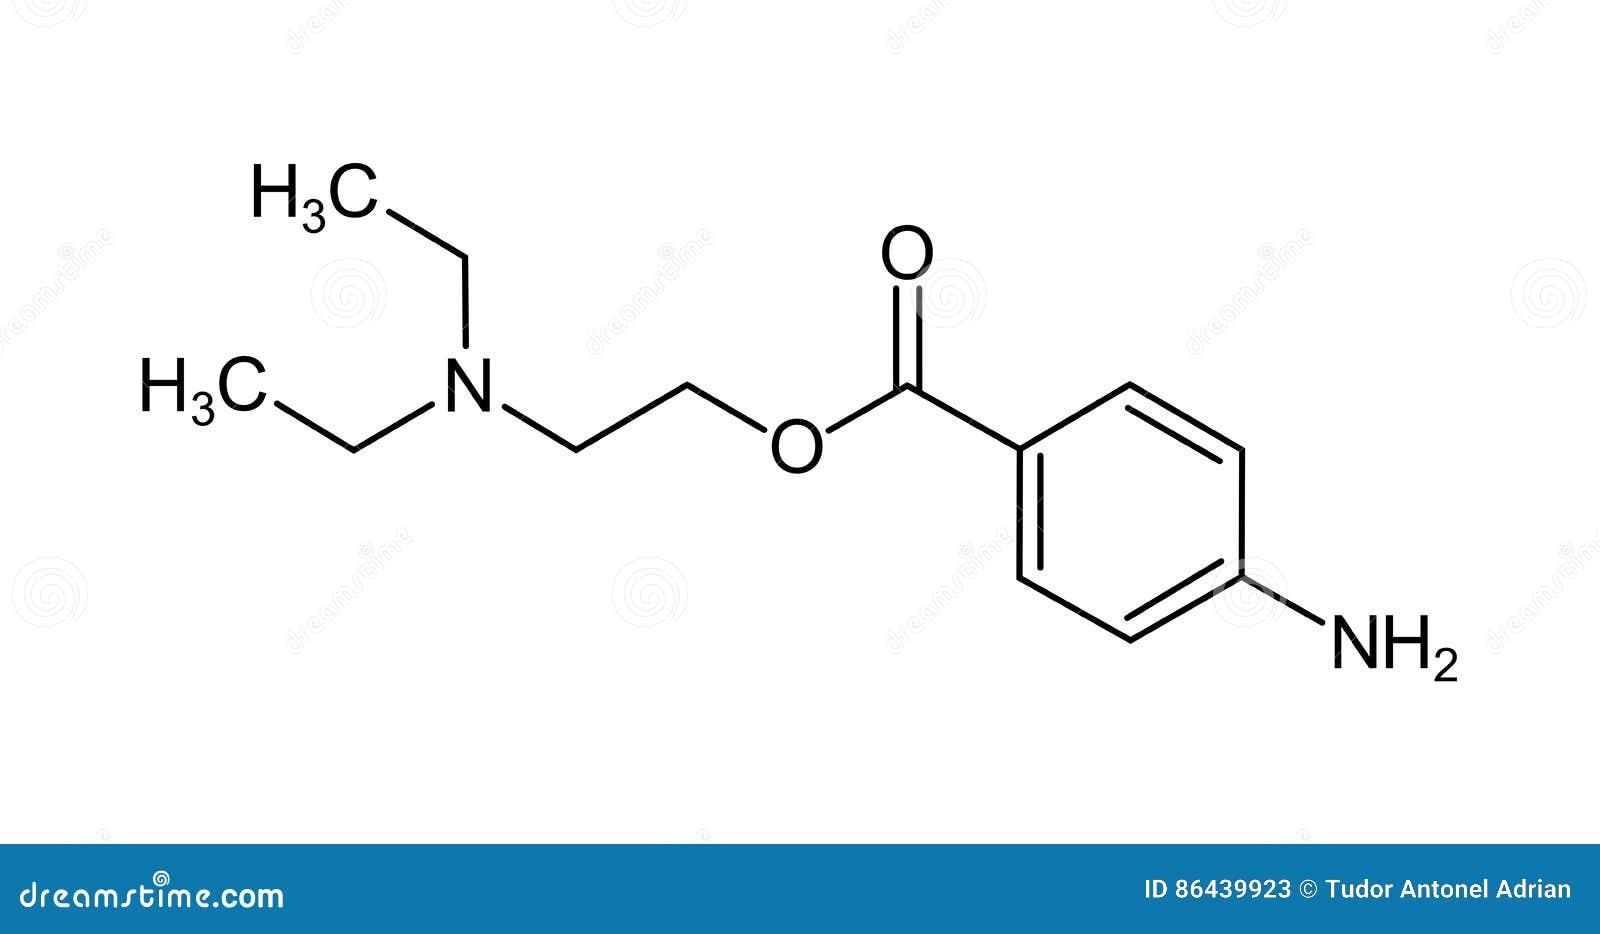 Cocaine chemical formula stock image image of formula 86439923 cocaine chemical formula pooptronica